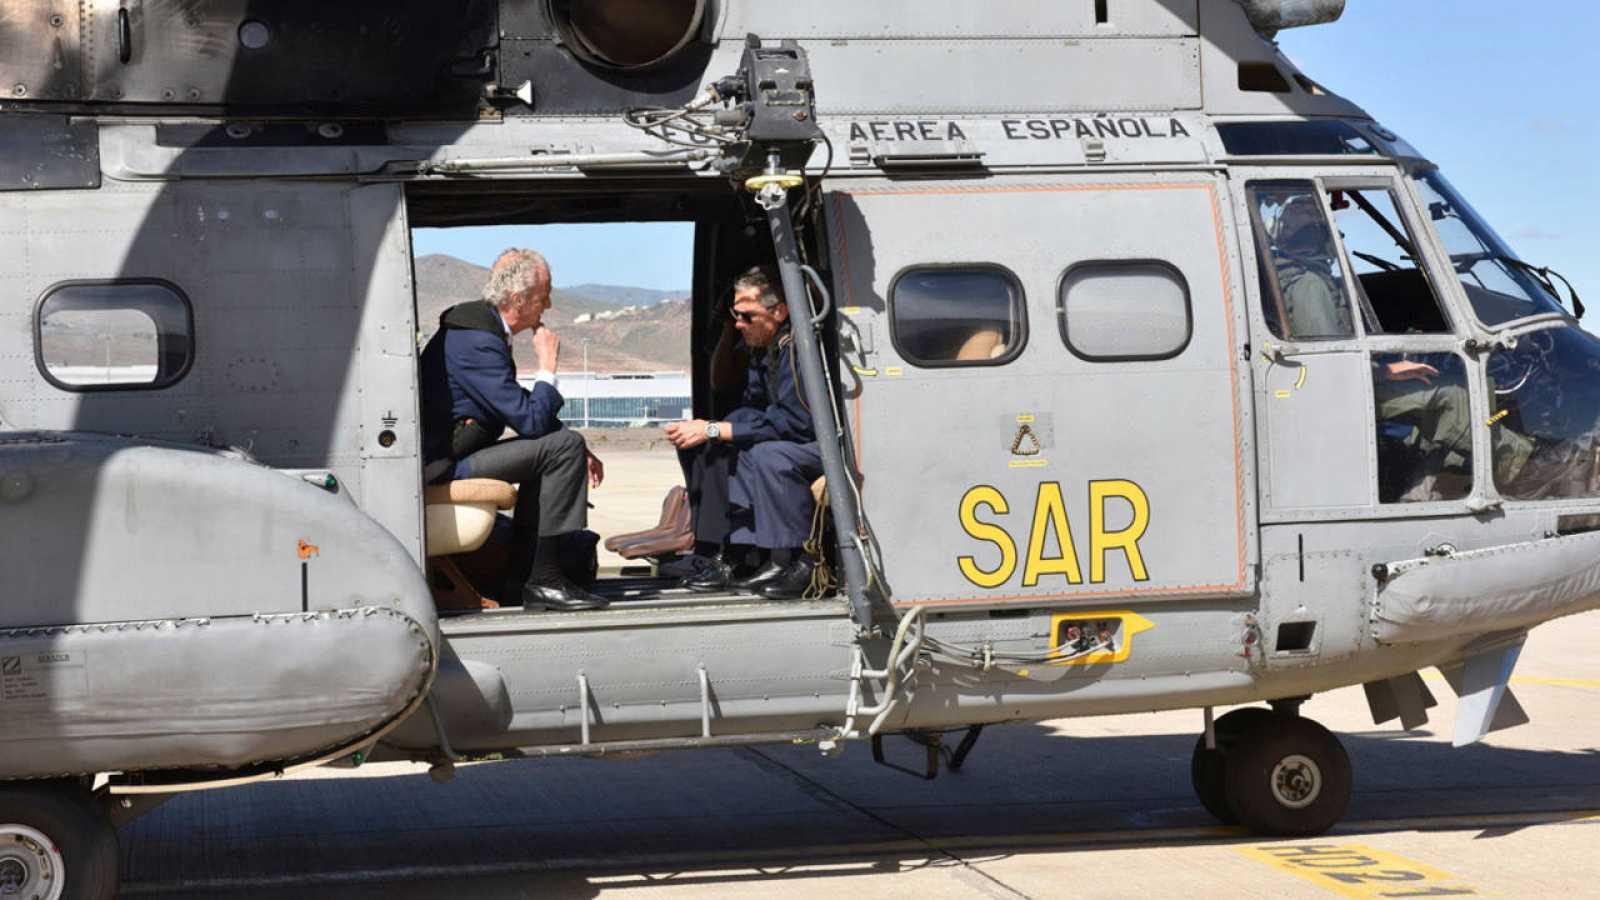 El ministro de Defensa, Pedro Morenés, en Las Palmas de Gran Canarias, dentro de un helicóptero Superpuma que participa en las tareas de búsqueda de los militares desaparecidos.